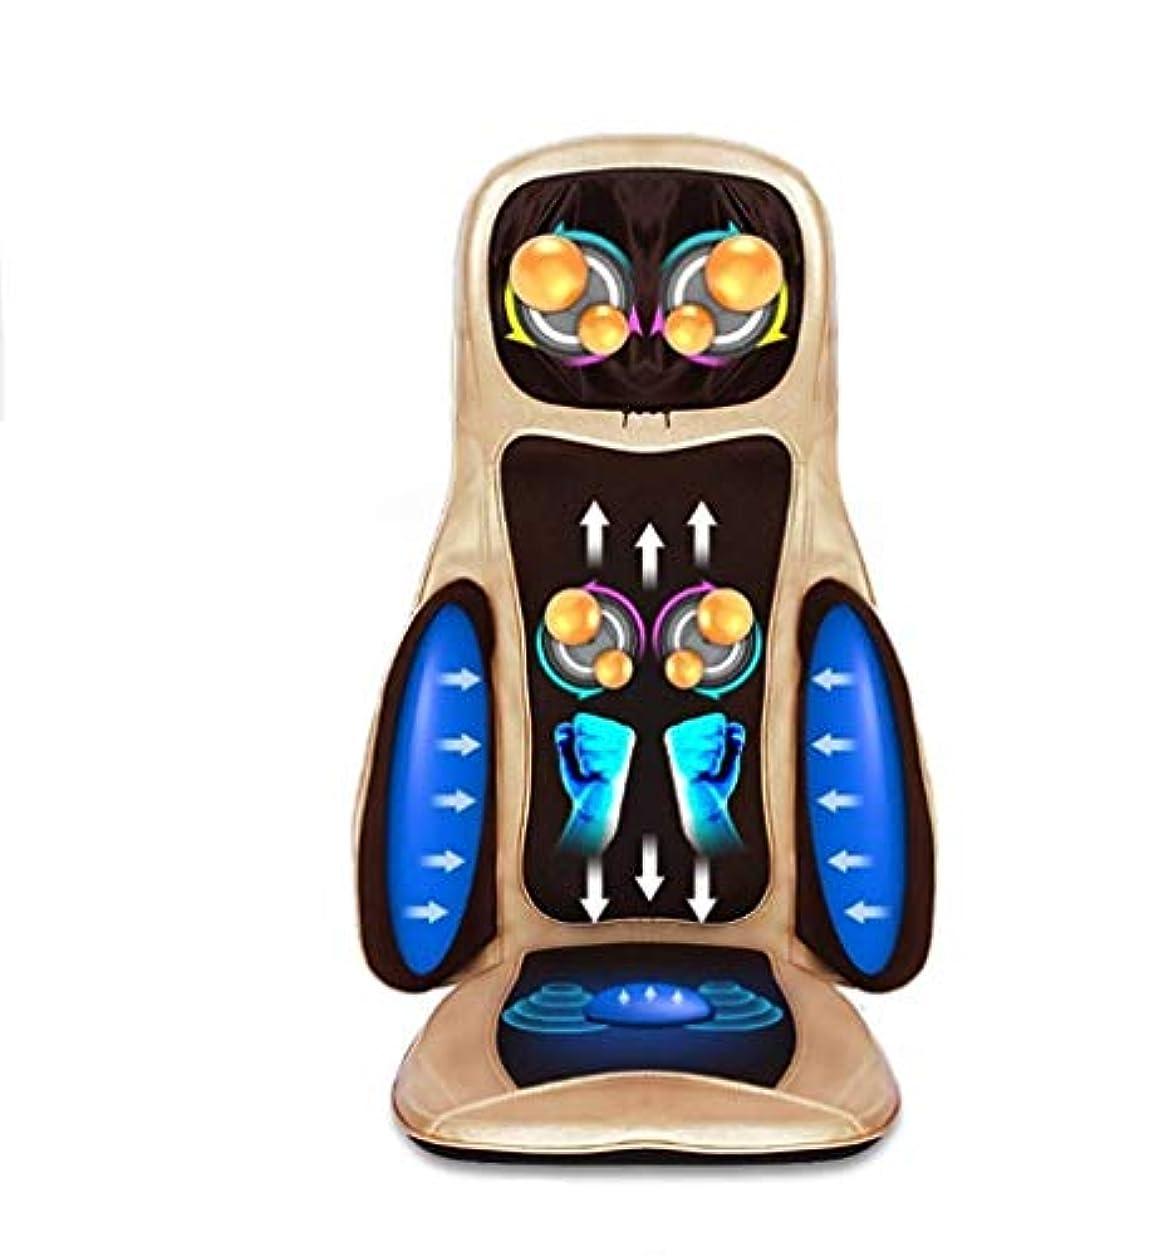 ランダムマントル反逆者カーマッサージクッション、多機能マッサージクッション、ホームオフィスマッサージャー、全身マッサージマシンの深い混練、熱振動、体の痛みや疲労を軽減